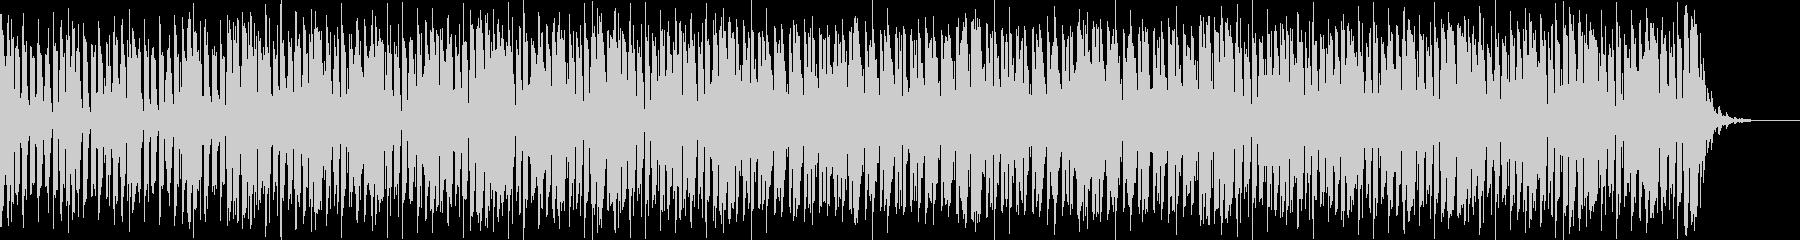 アグレッシブさのある四つ打ちバトル曲の未再生の波形